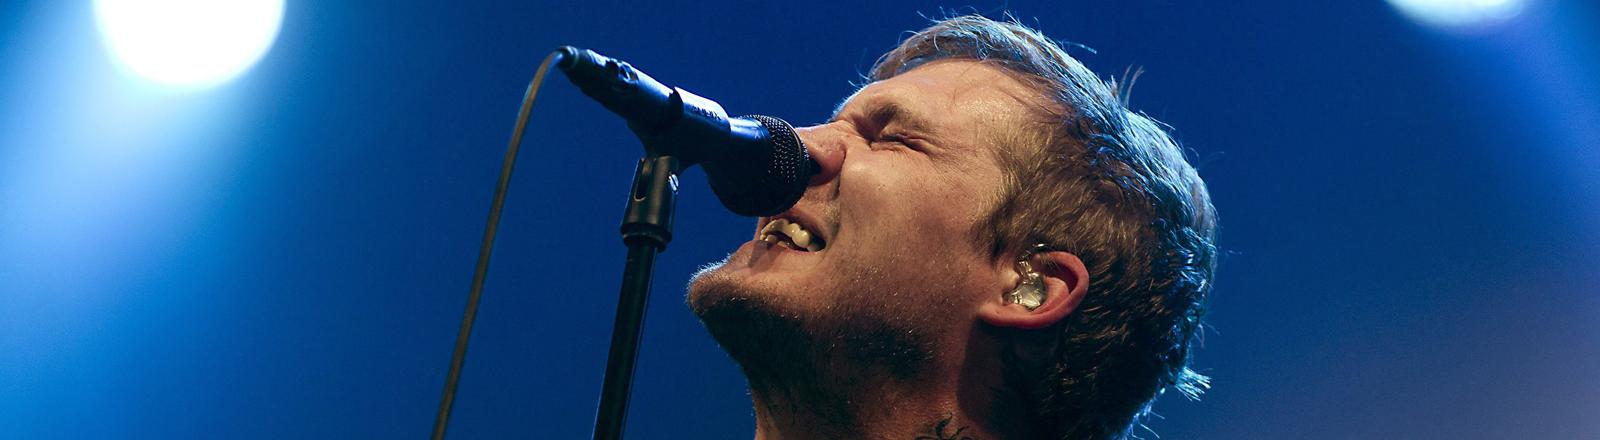 Brian Fallon von The Gaslight Anthem während des Lowlands Festival 2012 in Biddinghuizen.